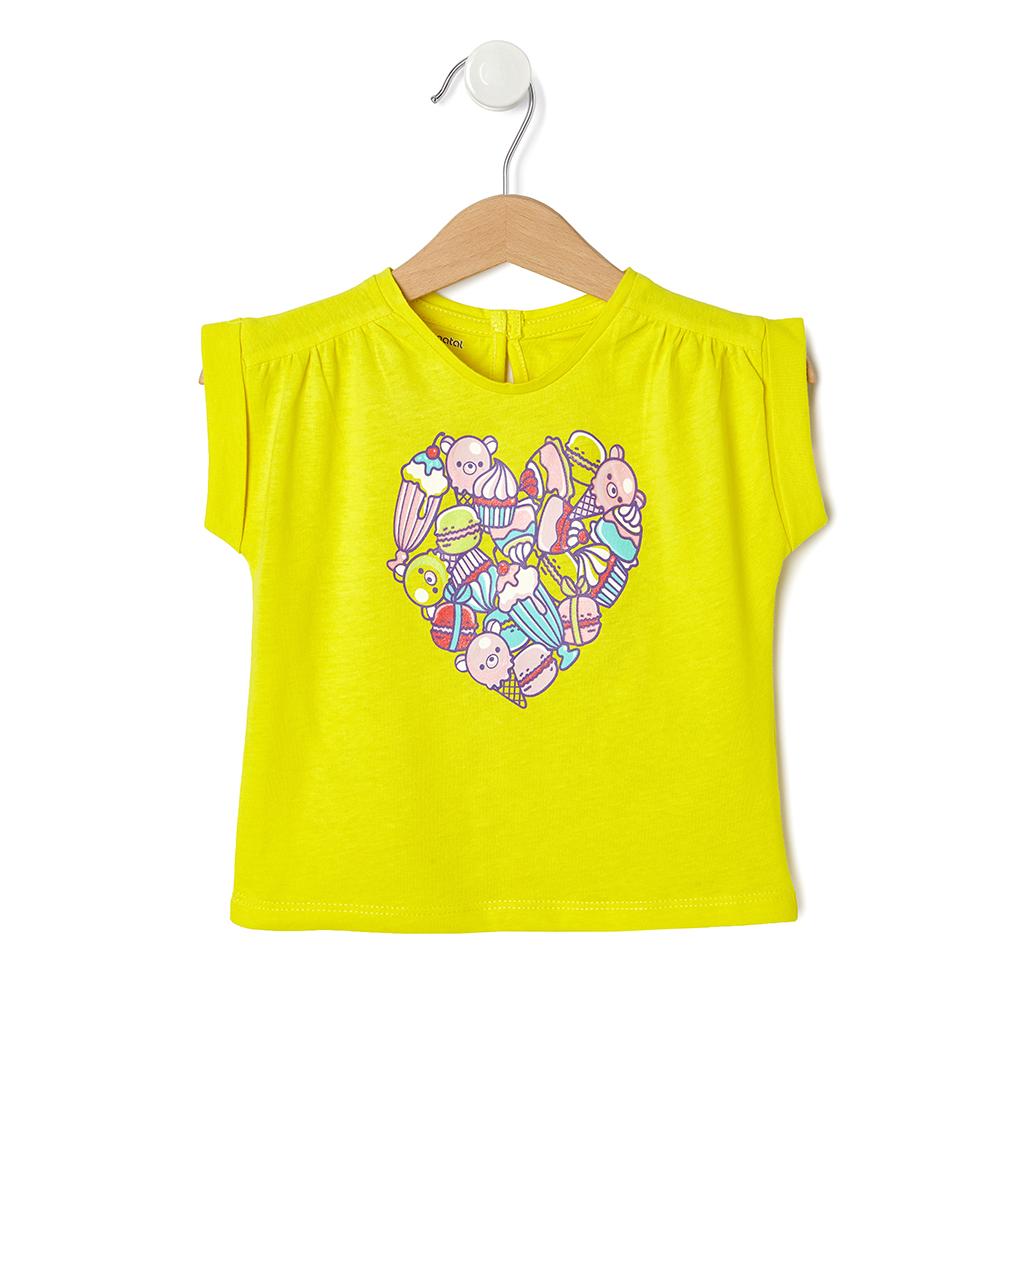 T-Shirt Κίτρινο με Καρδιά απο Παγωτά για Κορίτσι